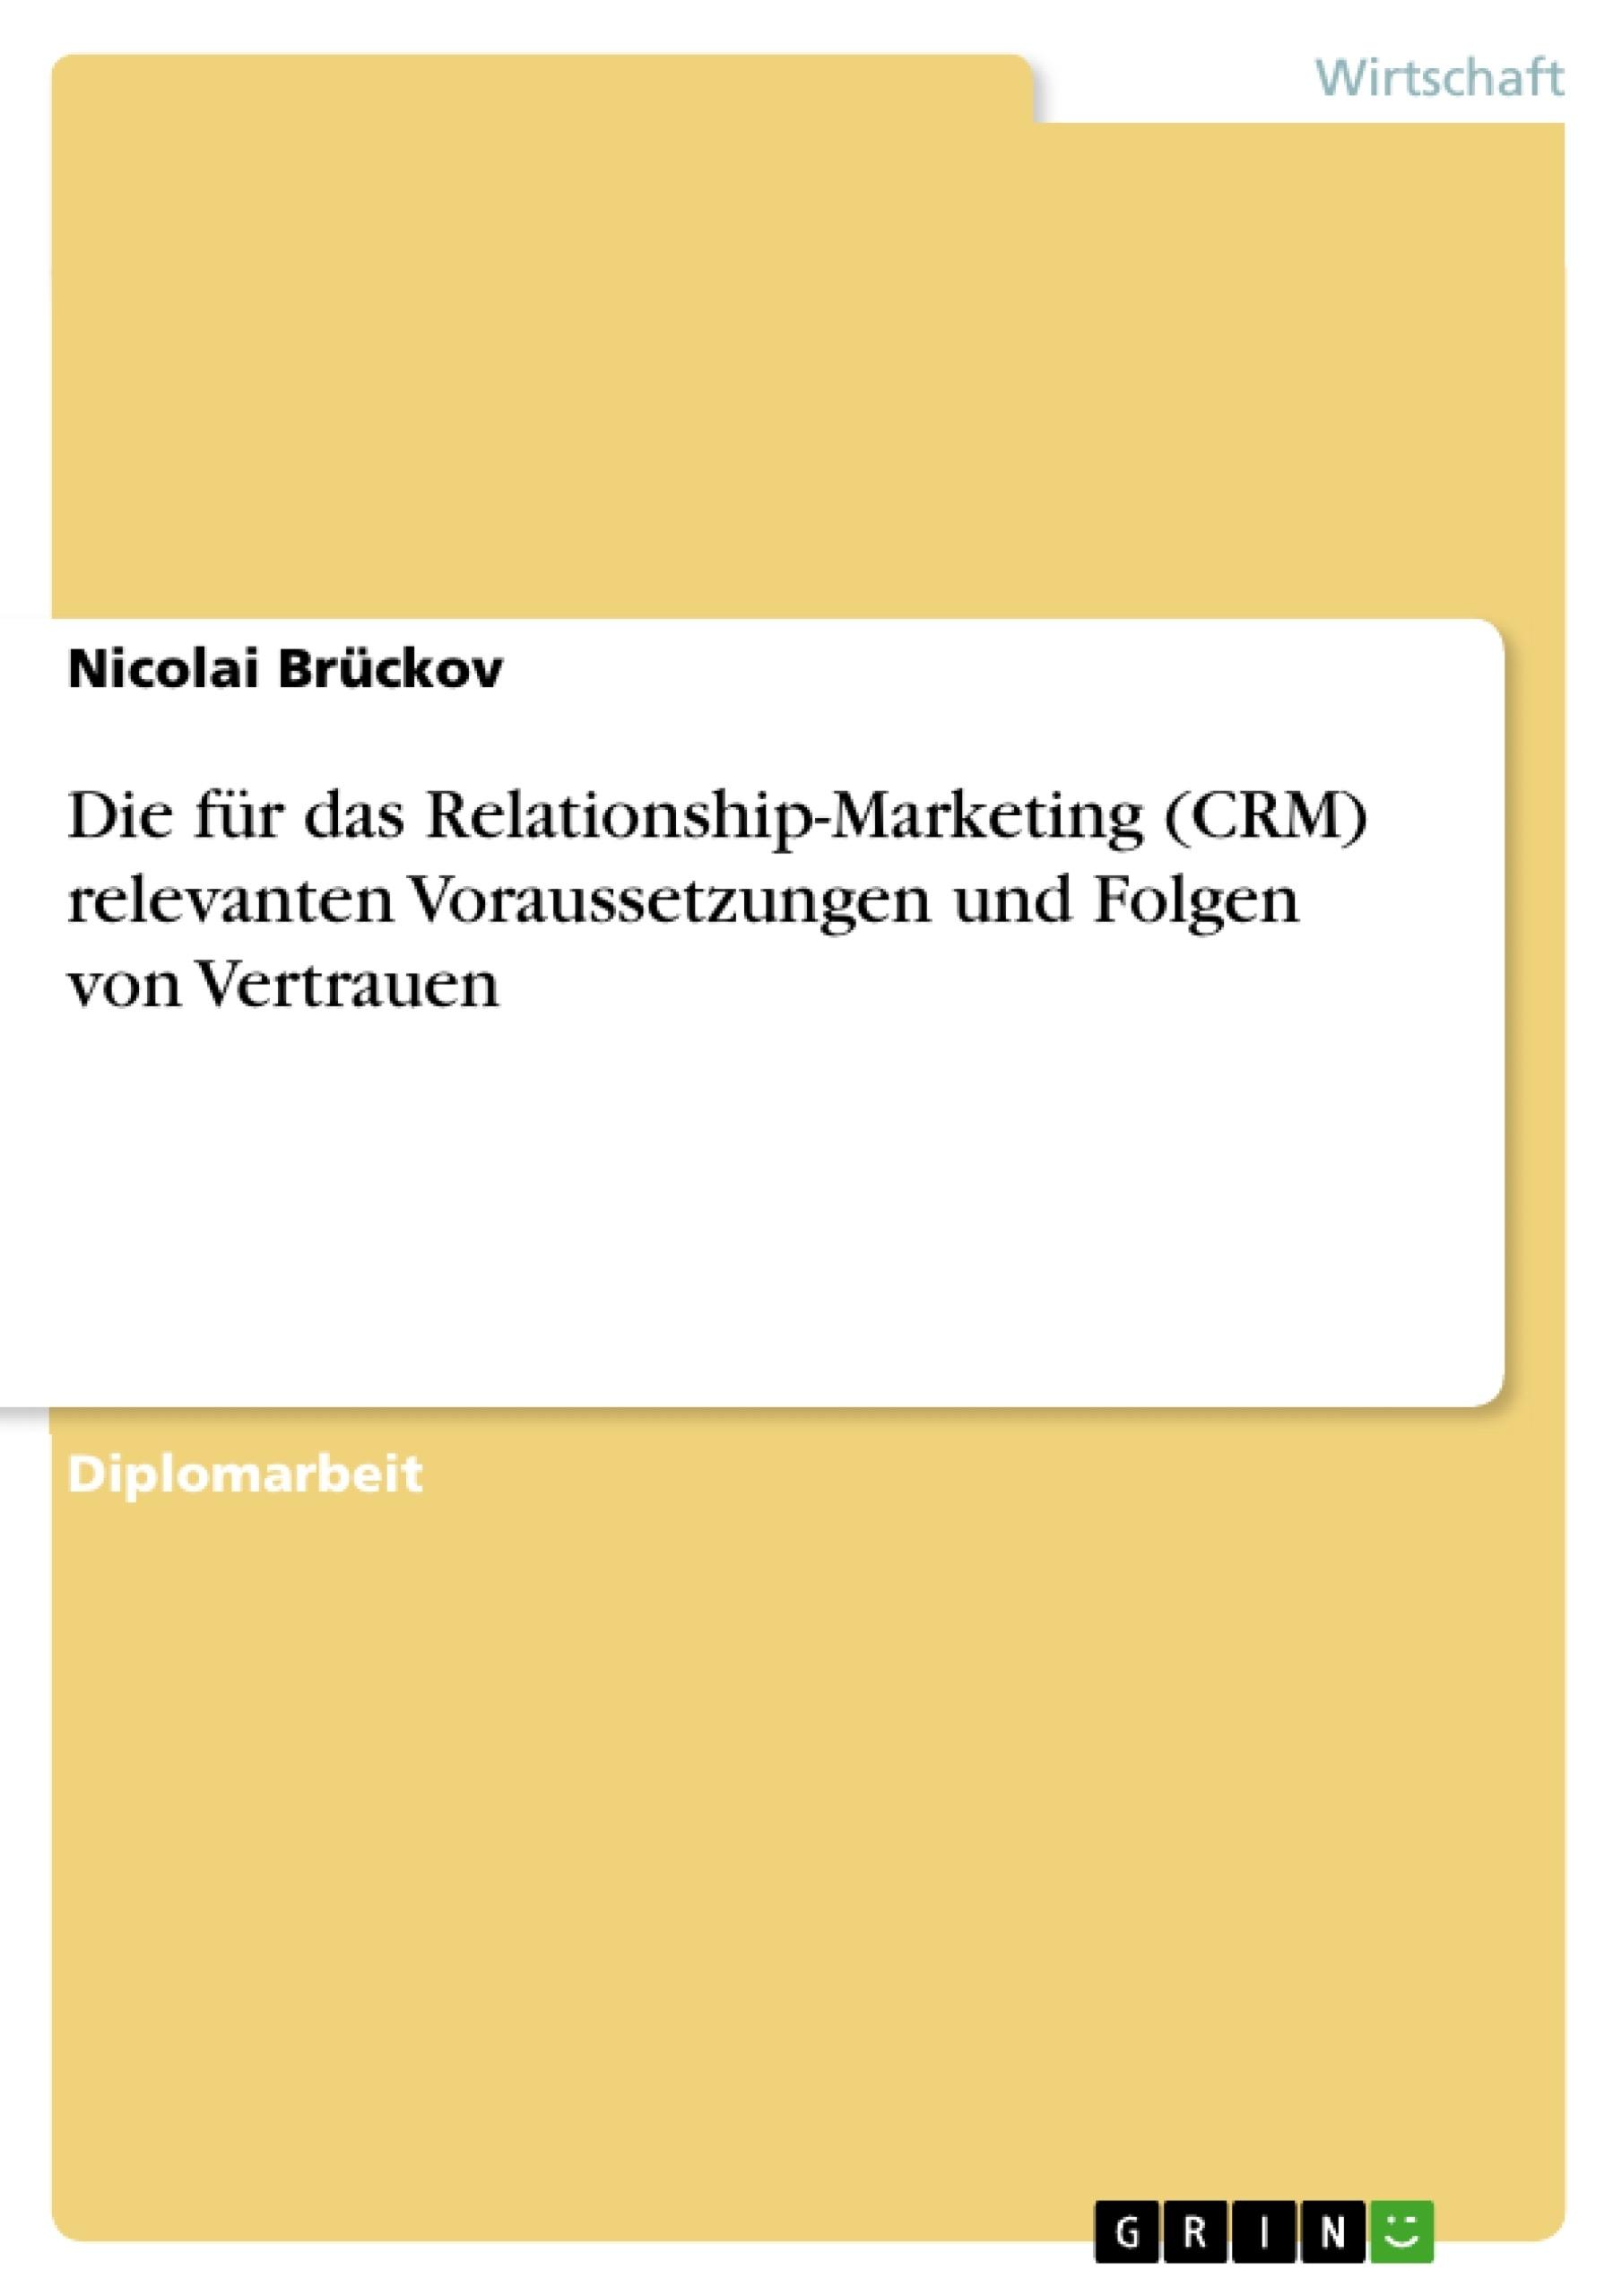 Titel: Die für das Relationship-Marketing (CRM) relevanten Voraussetzungen und Folgen von Vertrauen